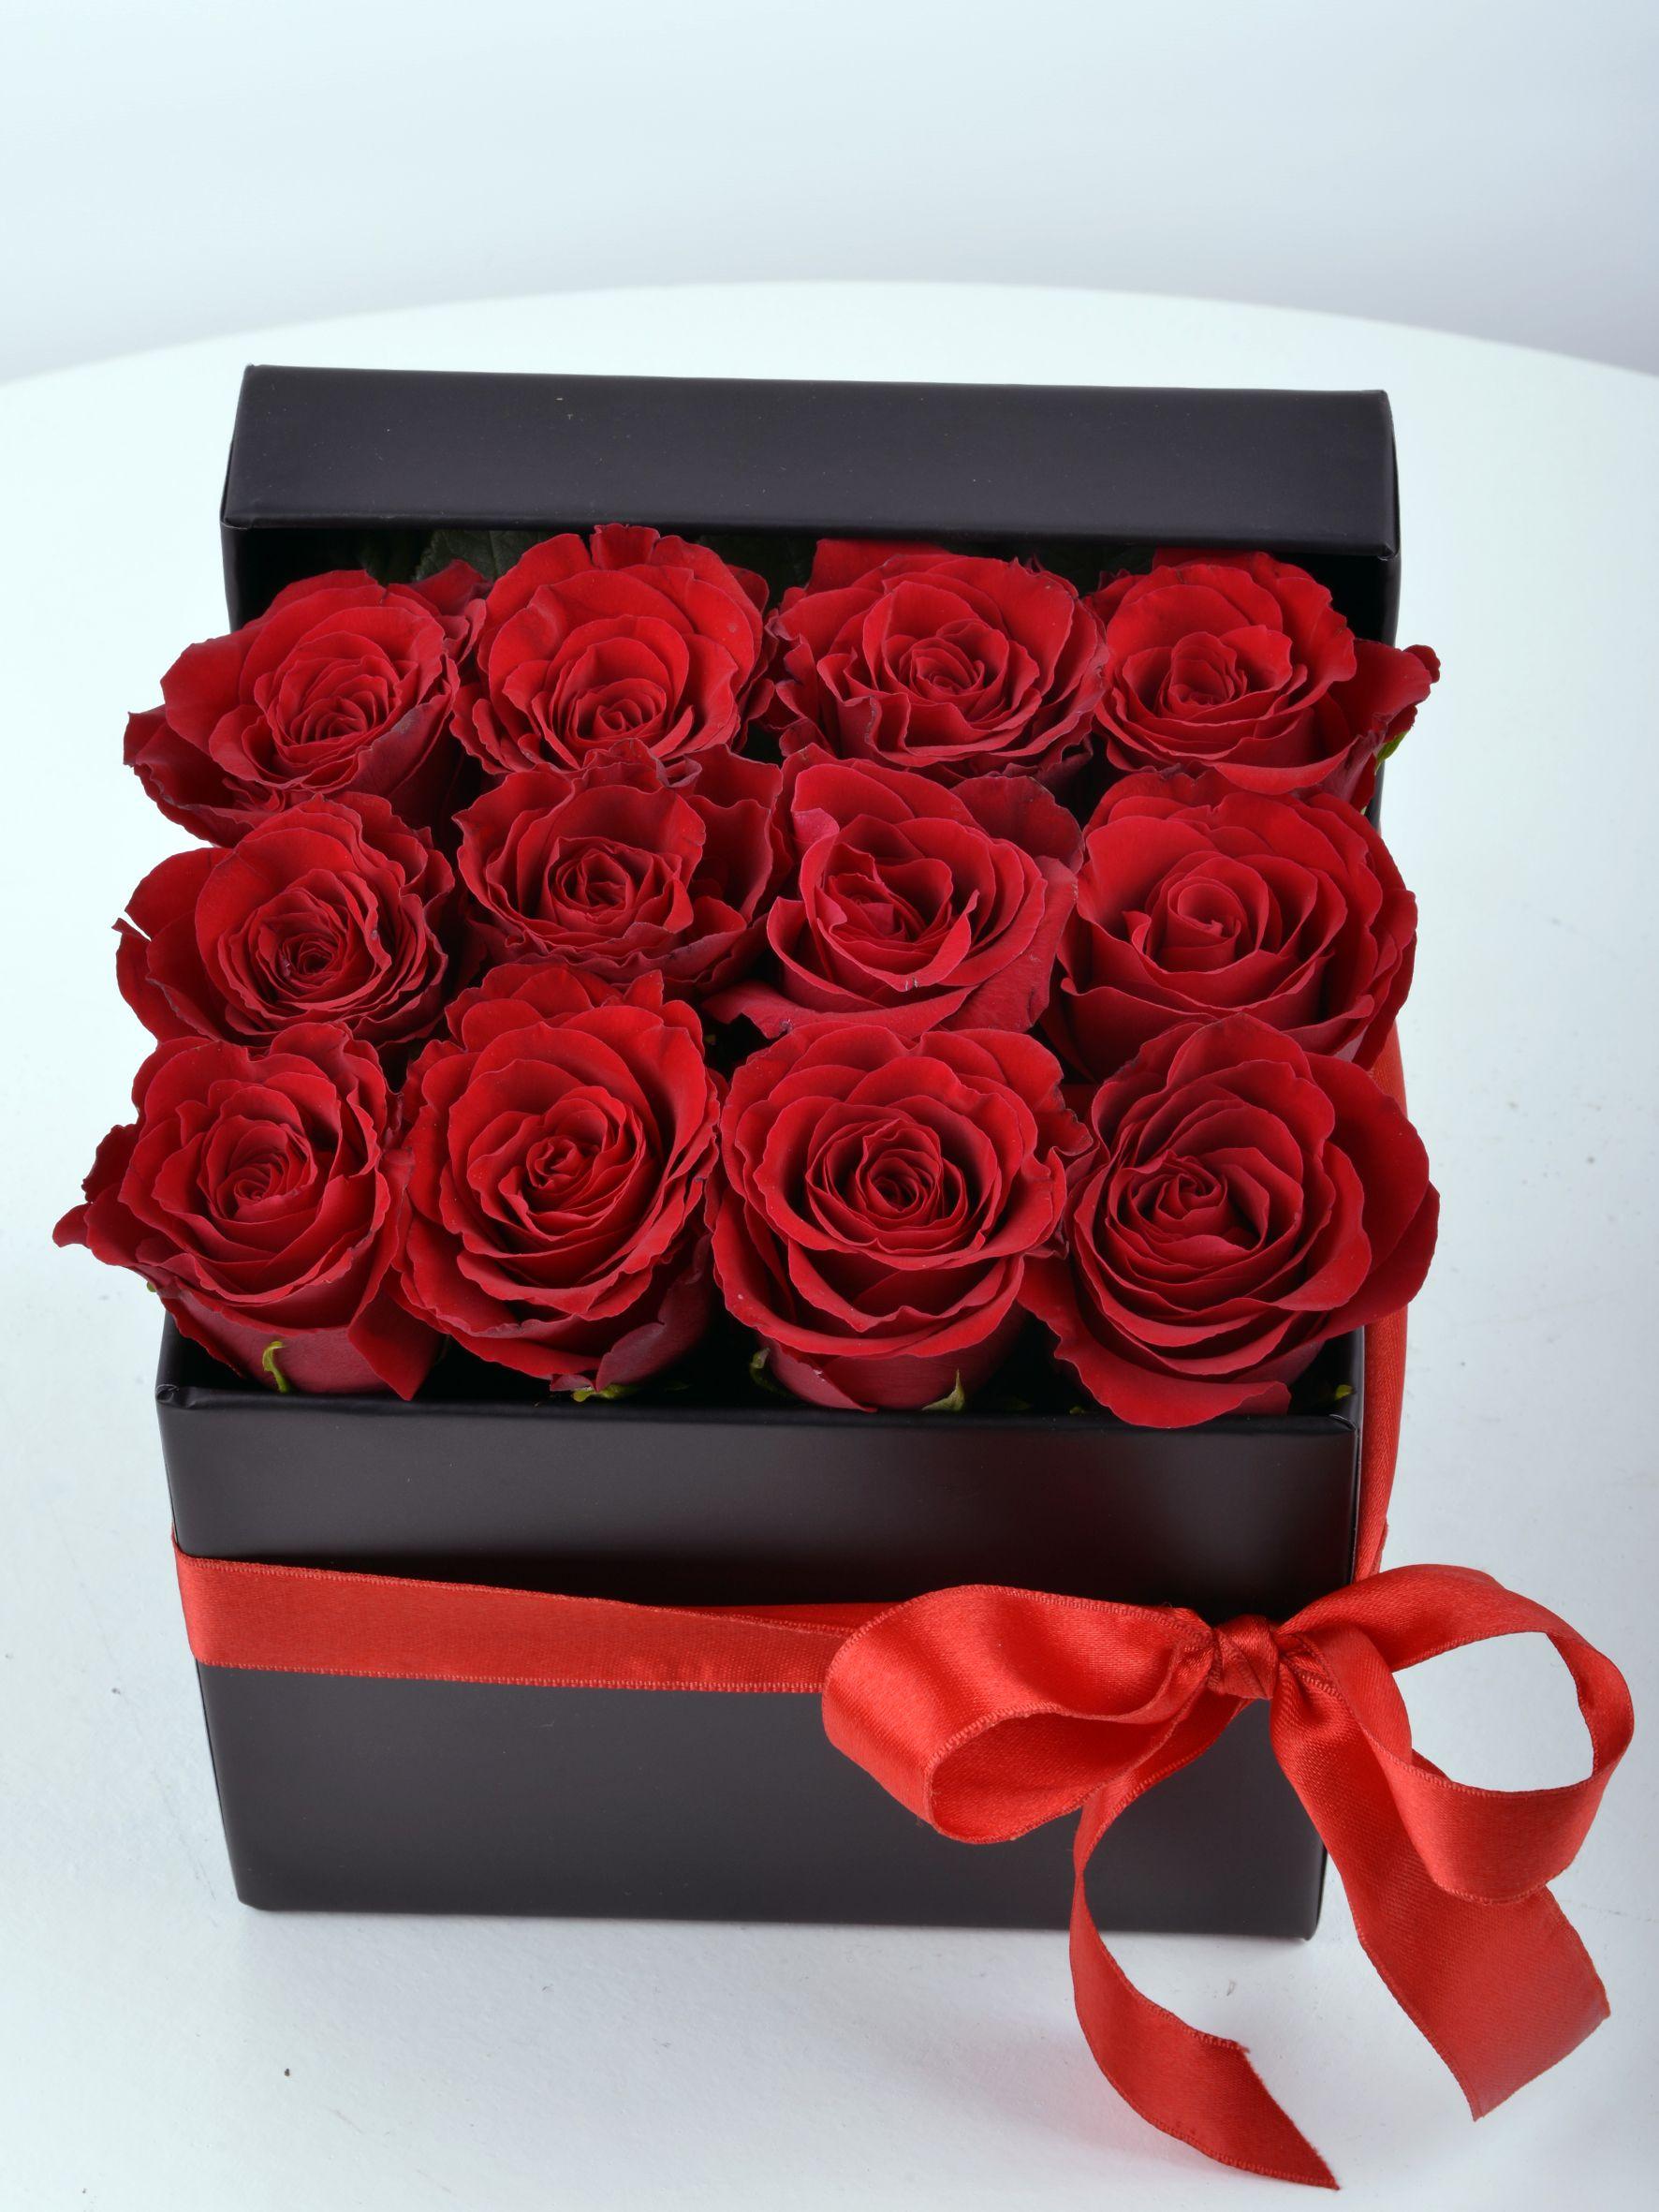 Siyah Hediyelik Kutuda Bir Düzine Kırmızı Gül  çiçek gönder